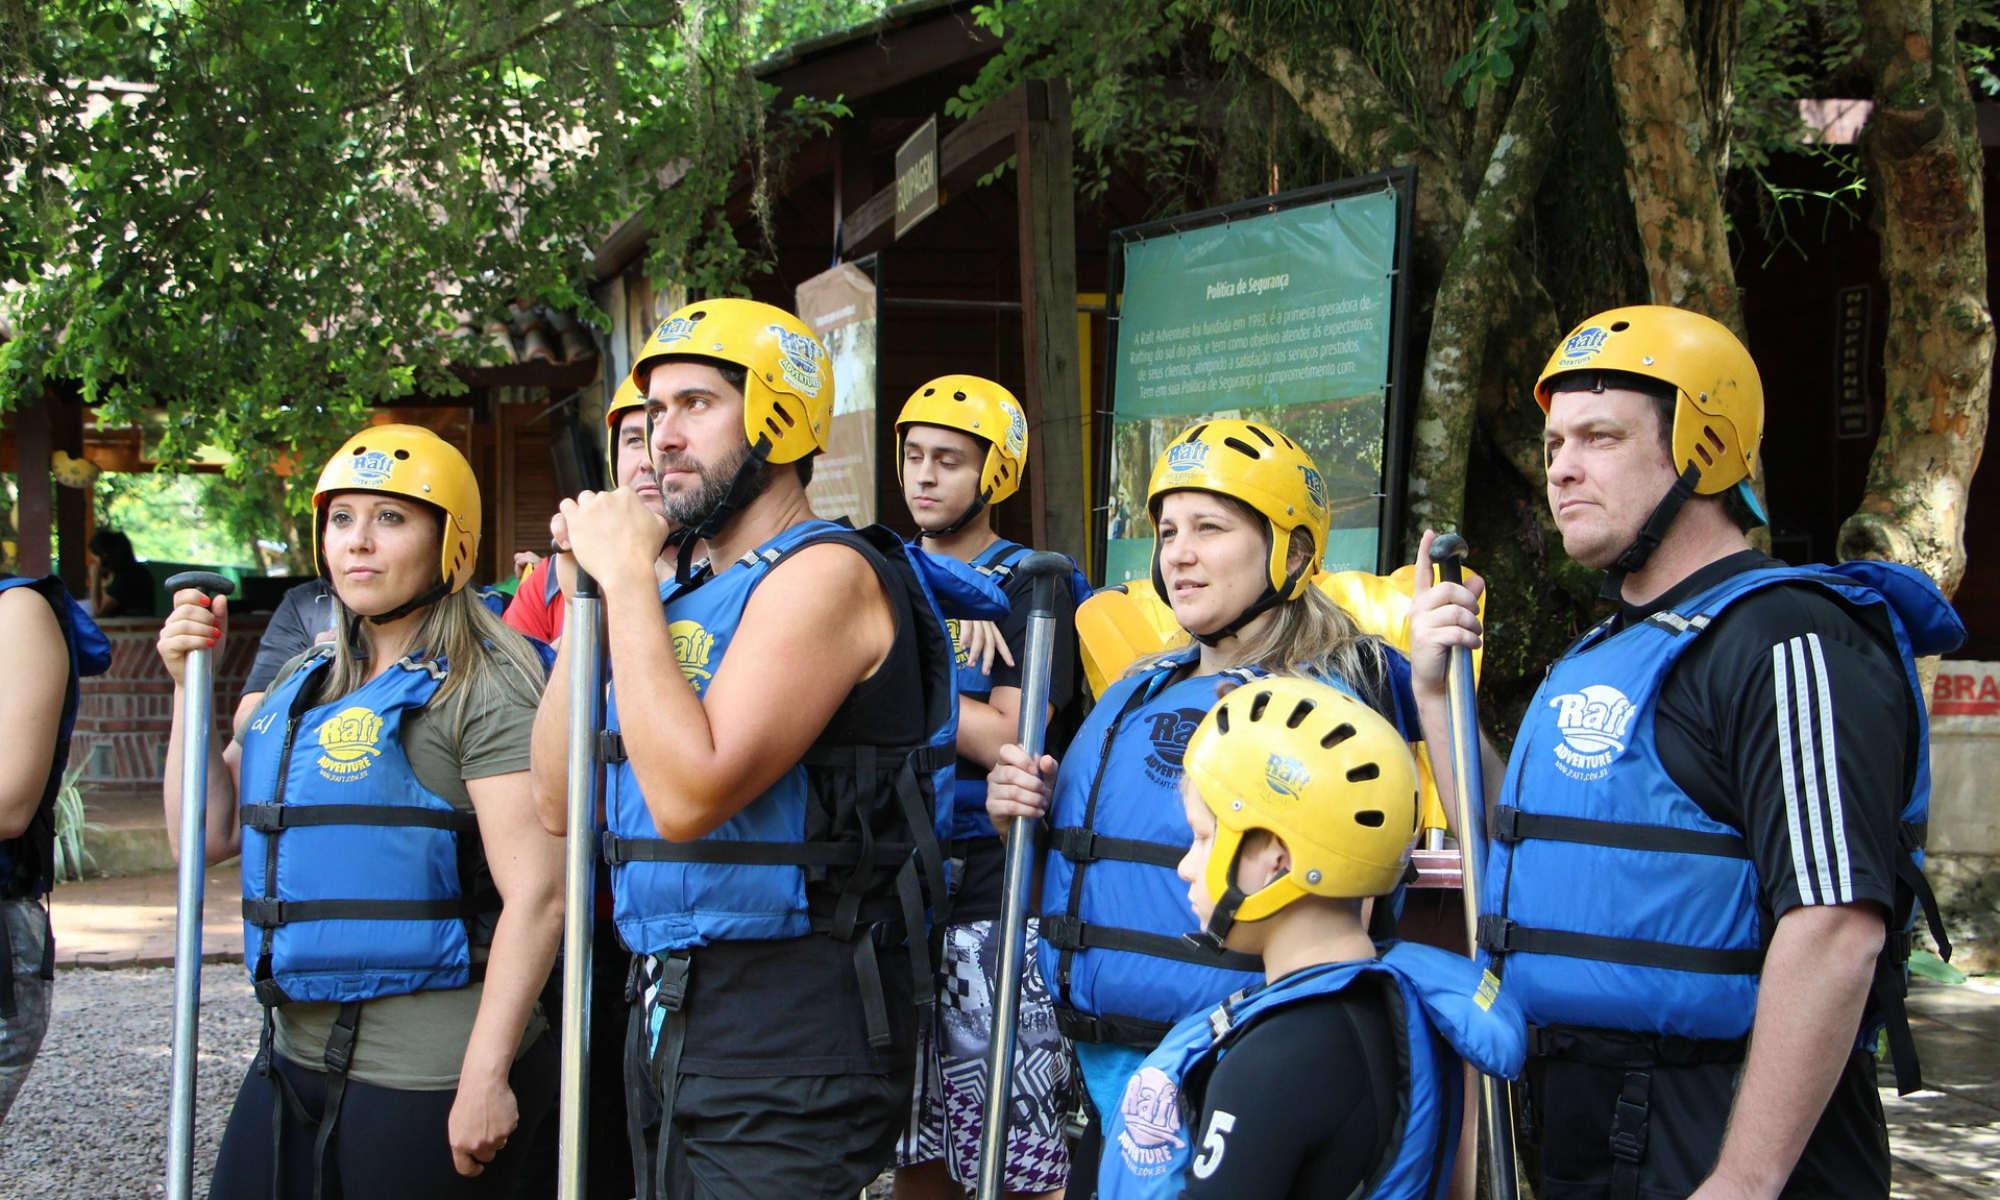 un gruppo si prepara a fare rafting.